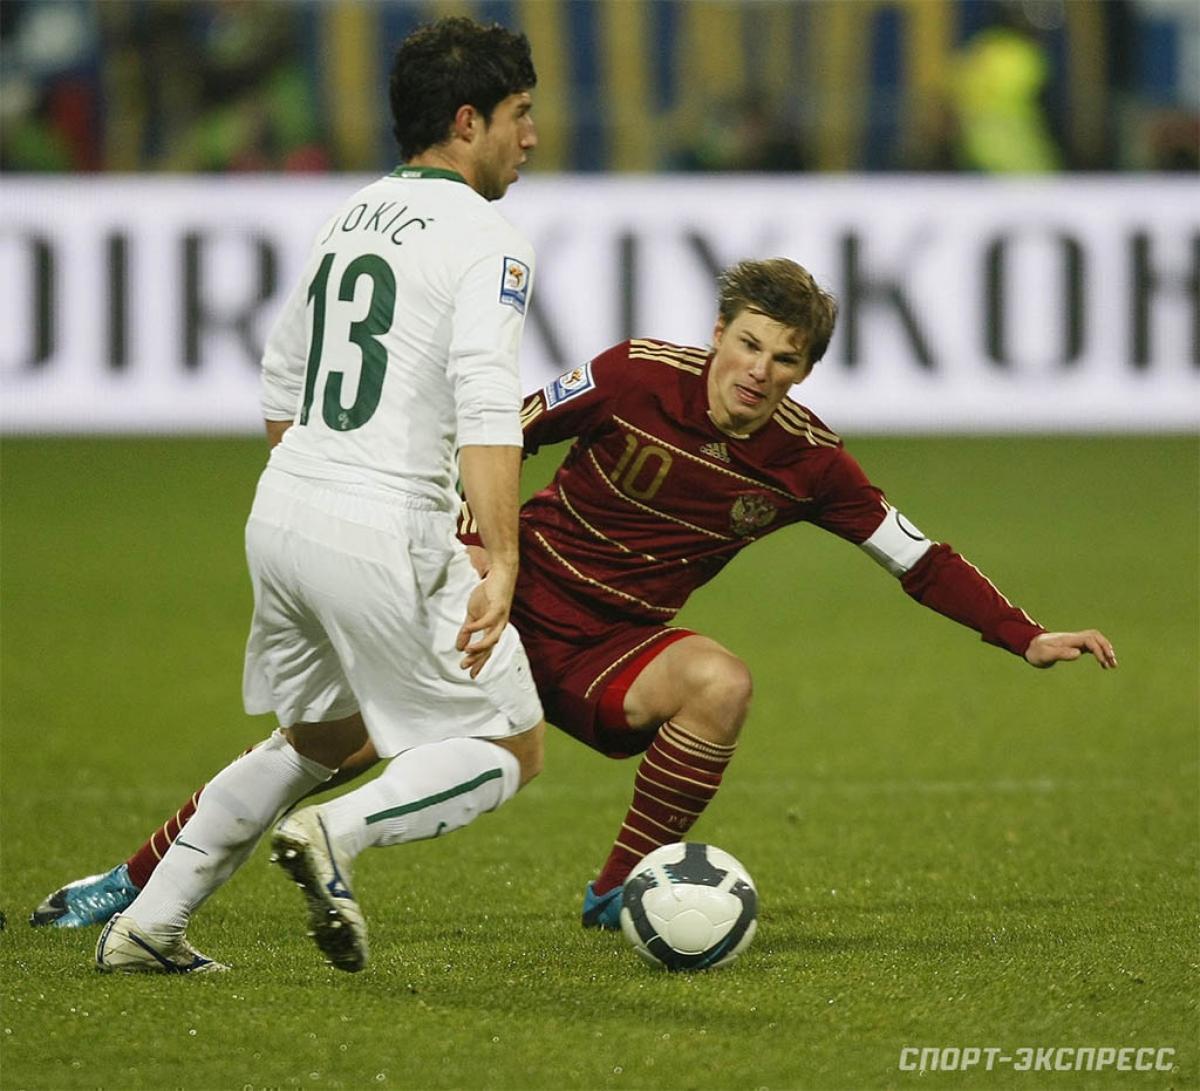 Квалификация ЧМ-2022. Россия - Словения. Что ожидать от нашей сборной?